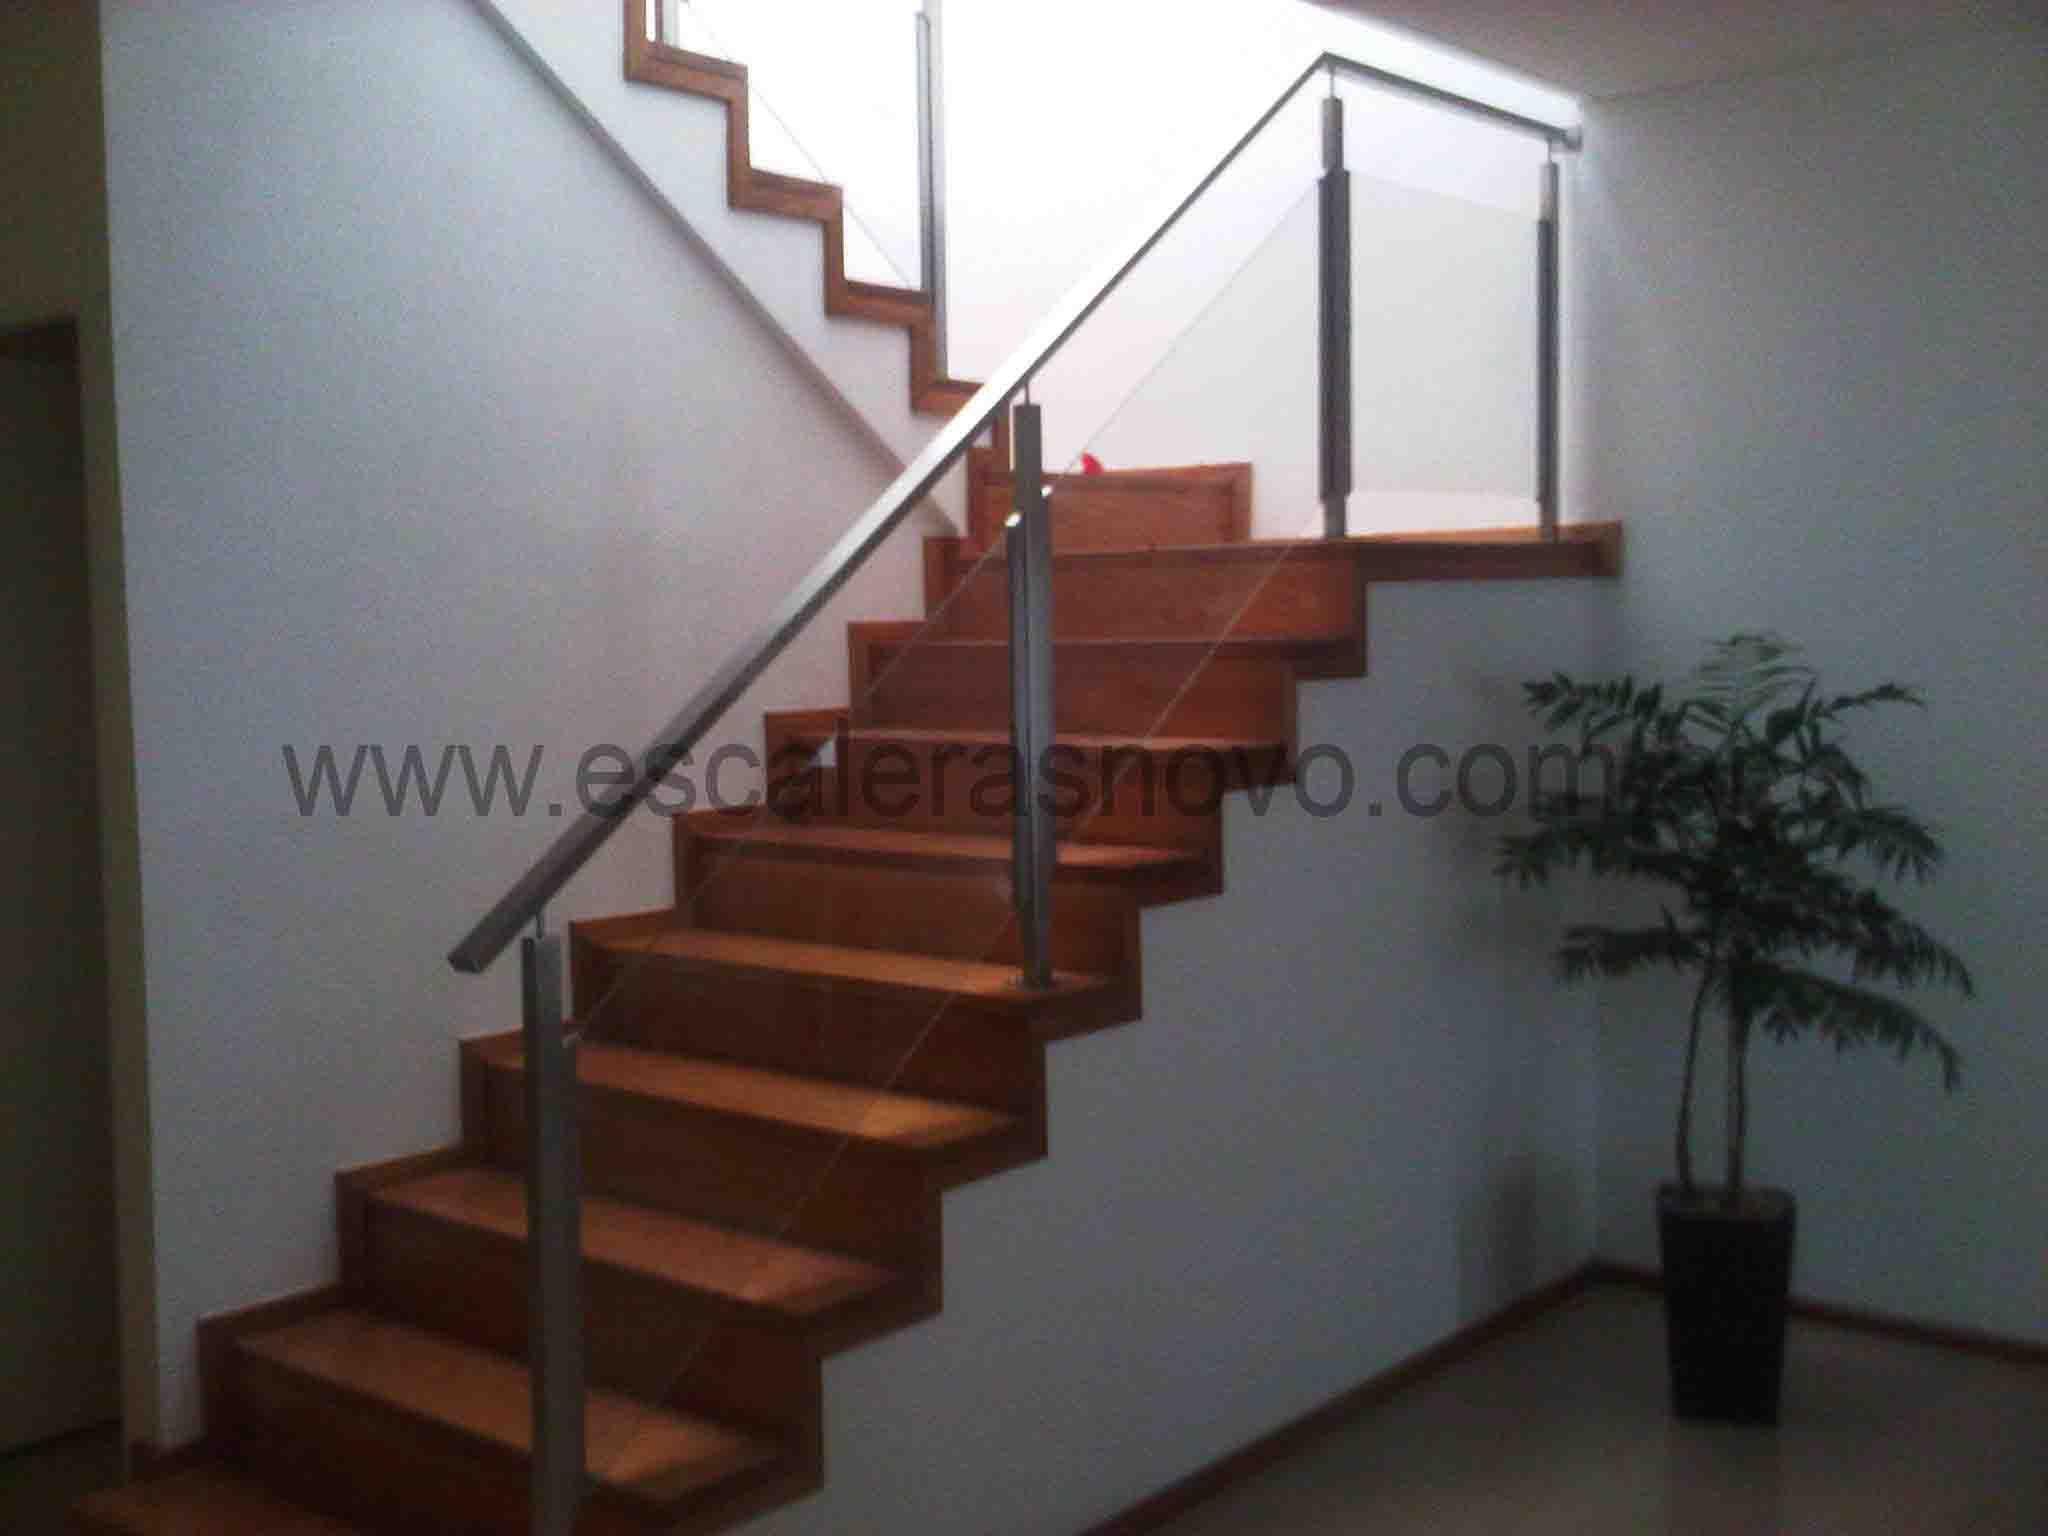 Barandas acero inox y vidrio mod 7 decoracion sala barandas escaleras y barandas de acero - Escaleras de cristal y madera ...